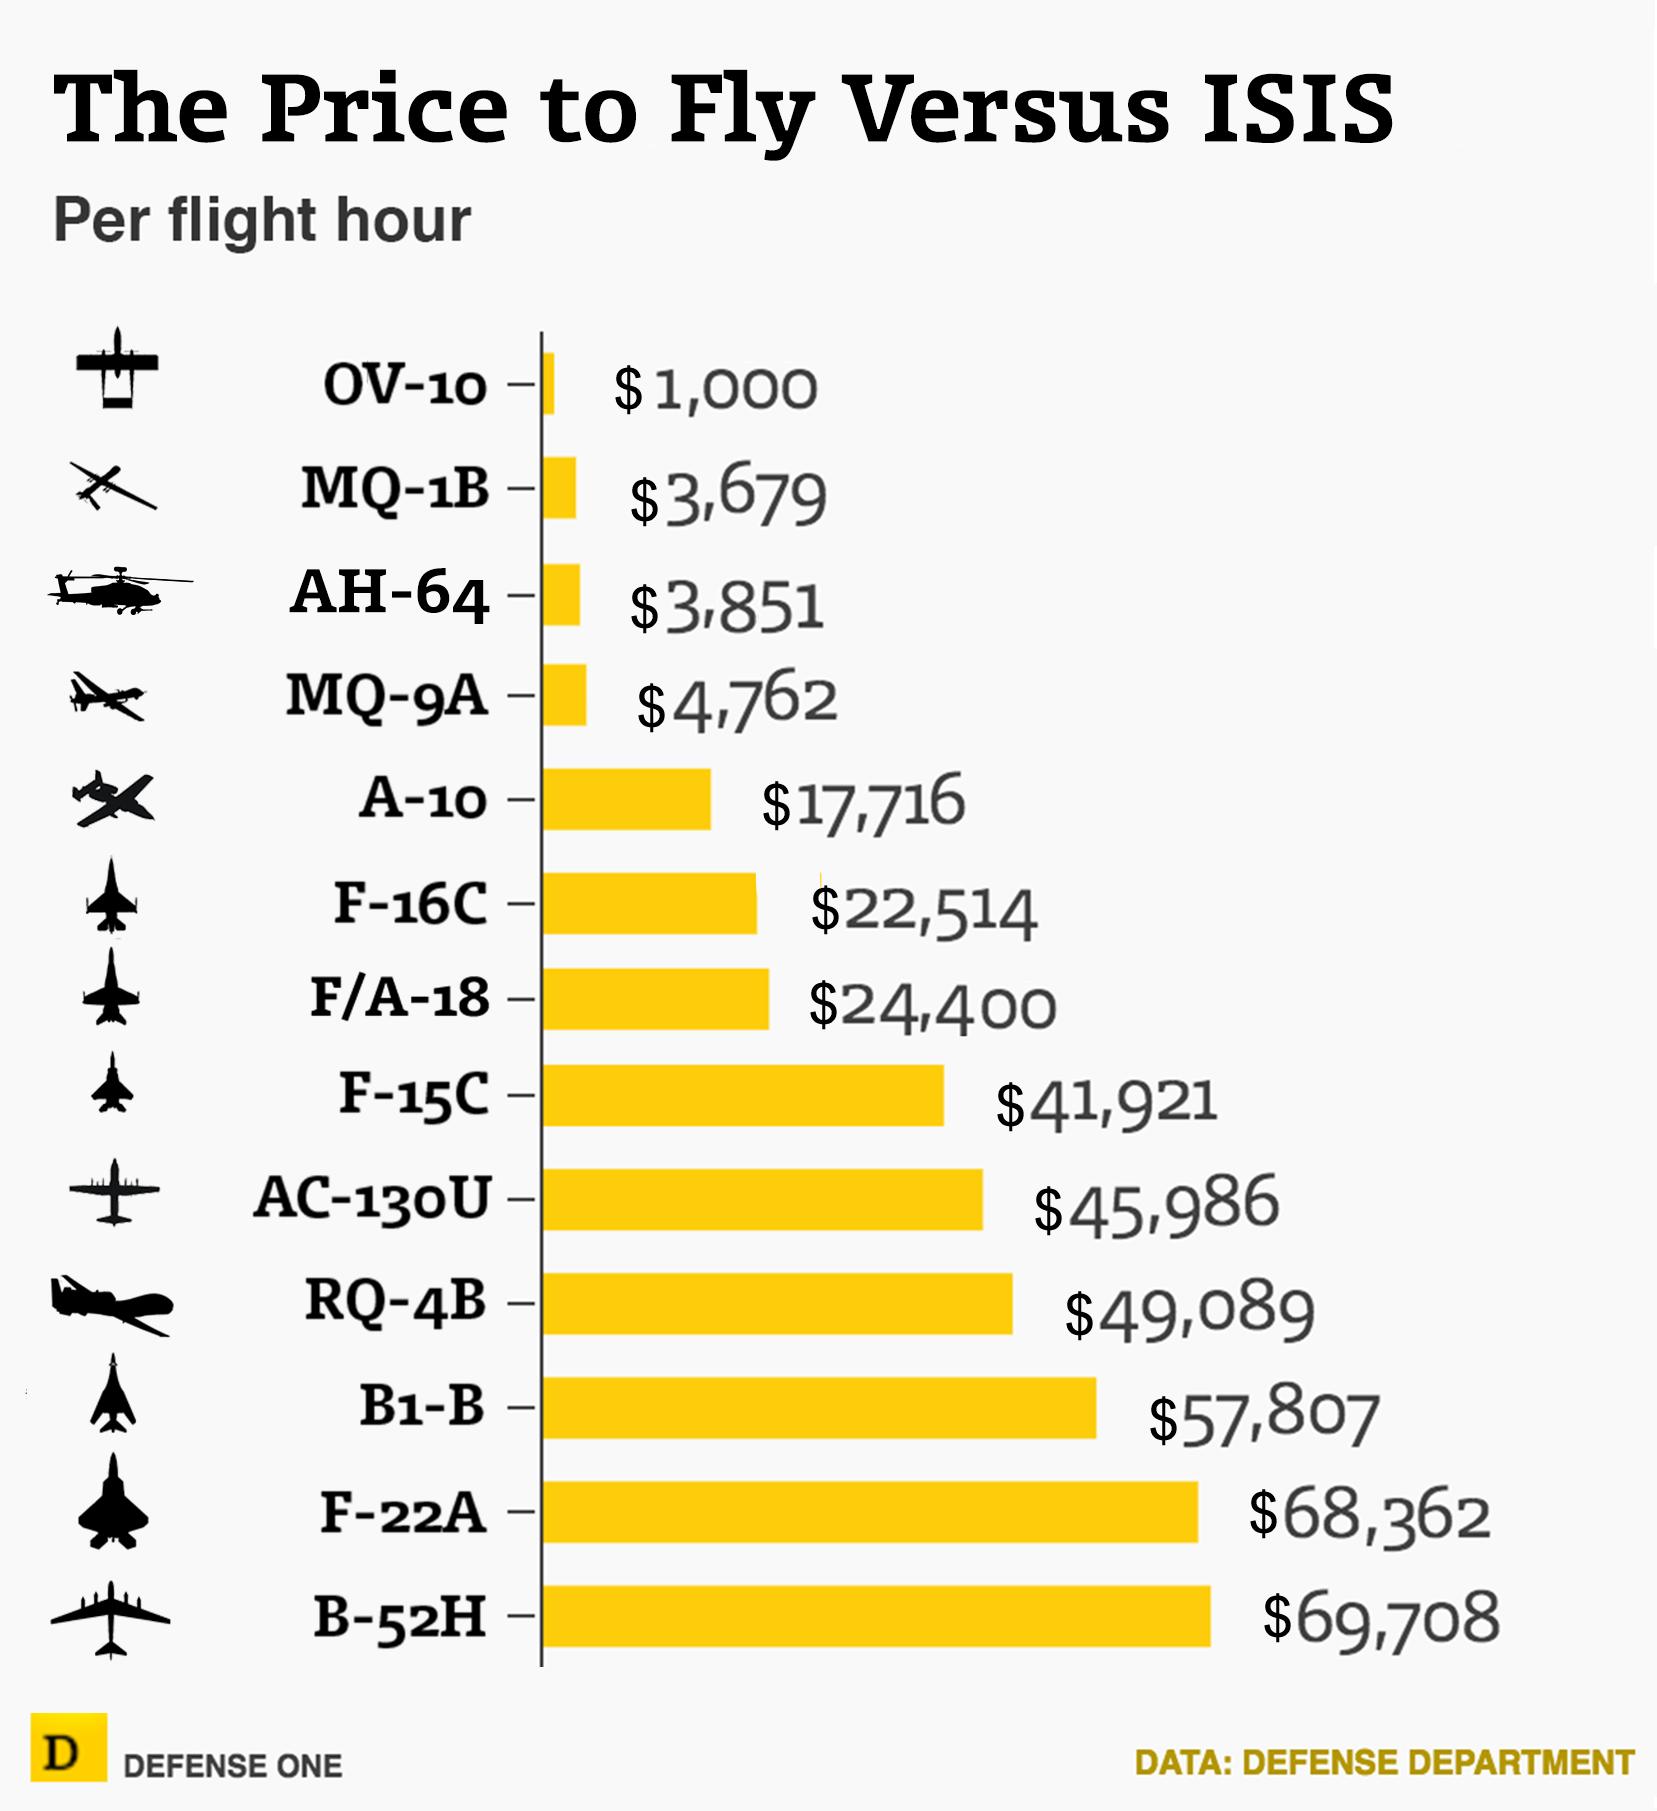 Часа полета стоимость часа сто норма стоимость